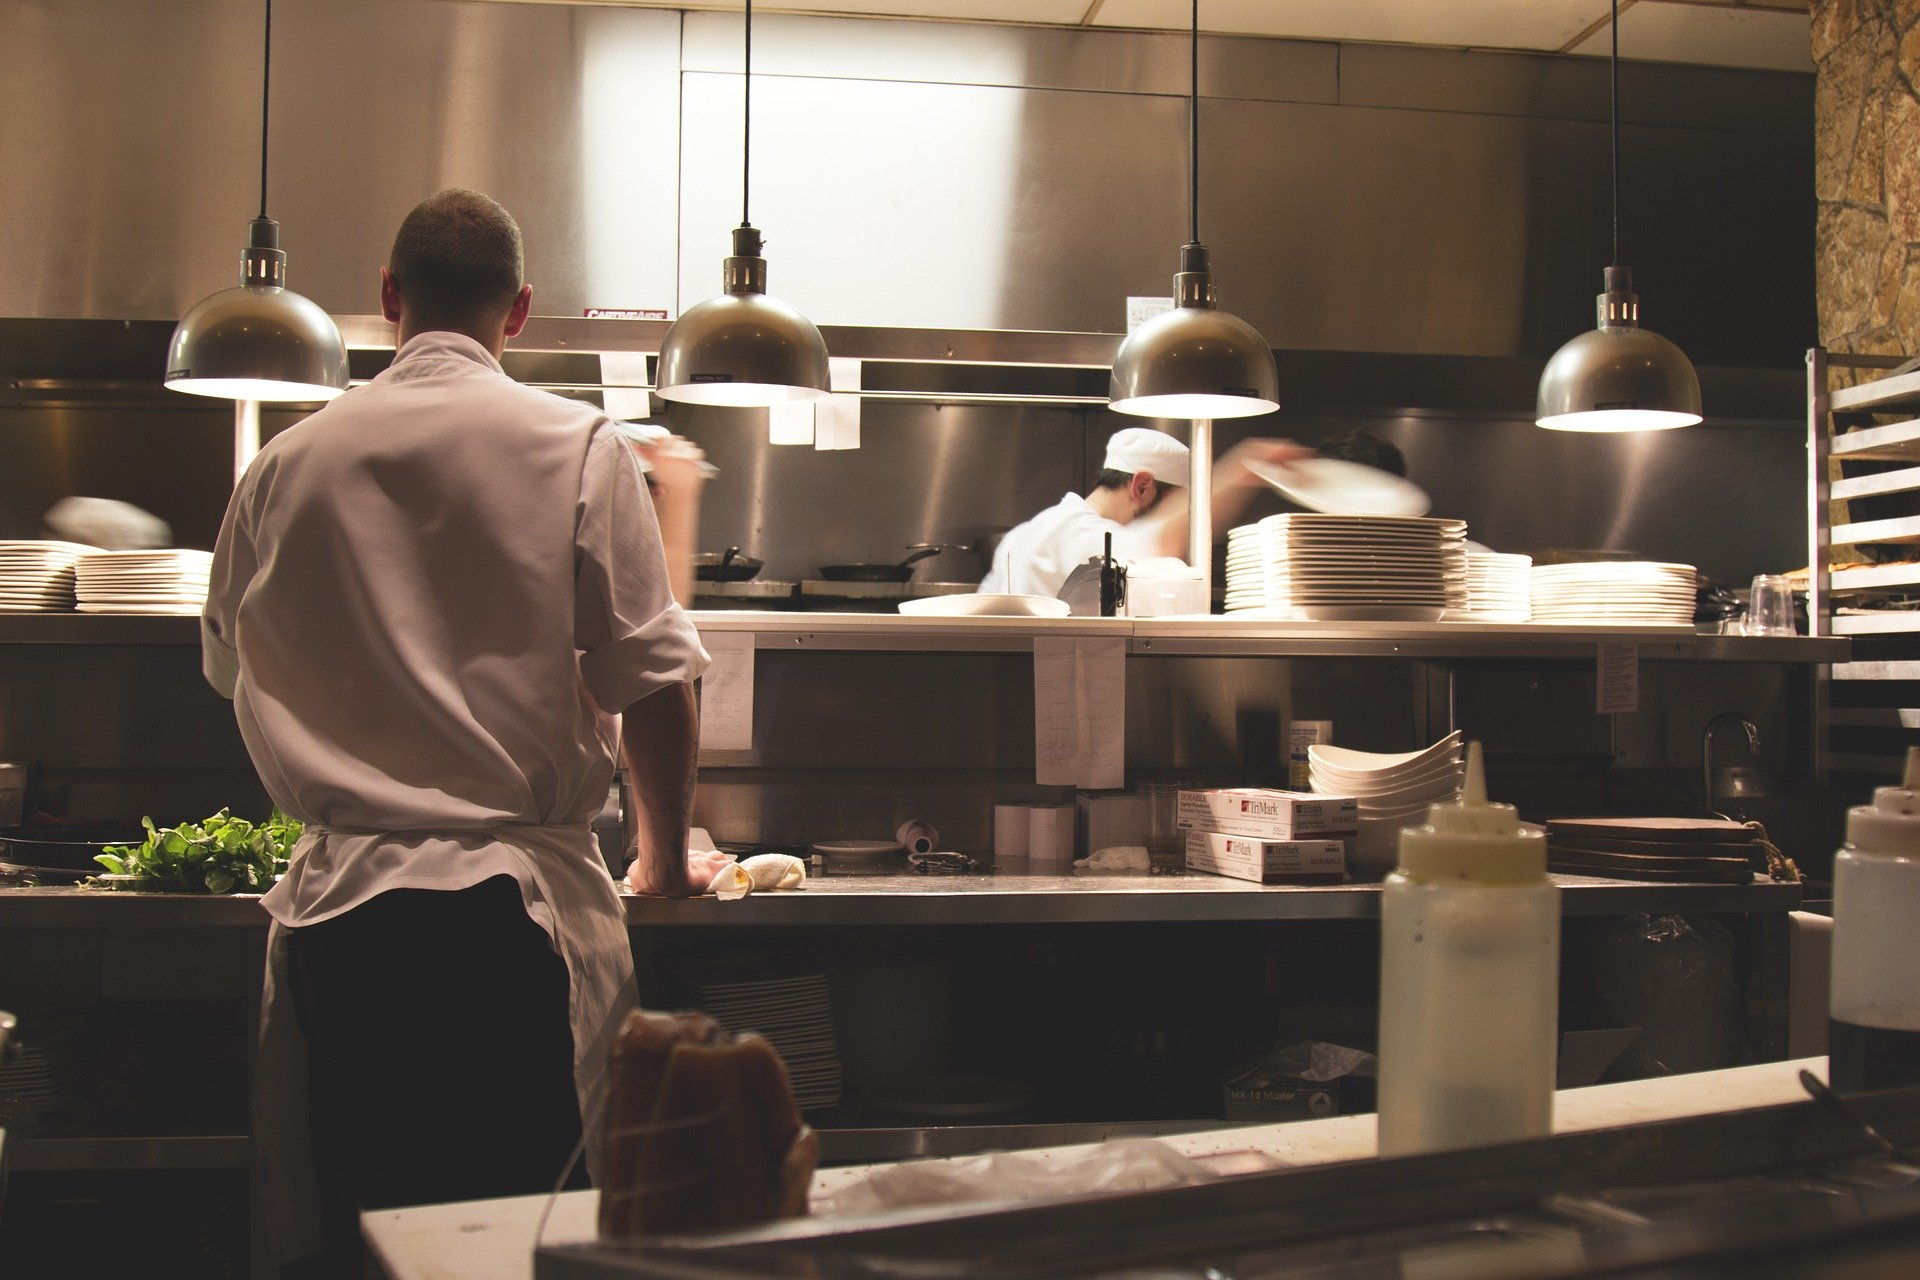 Wet En Regelgeving In De Keuken 2020 Grootkeuken Nl